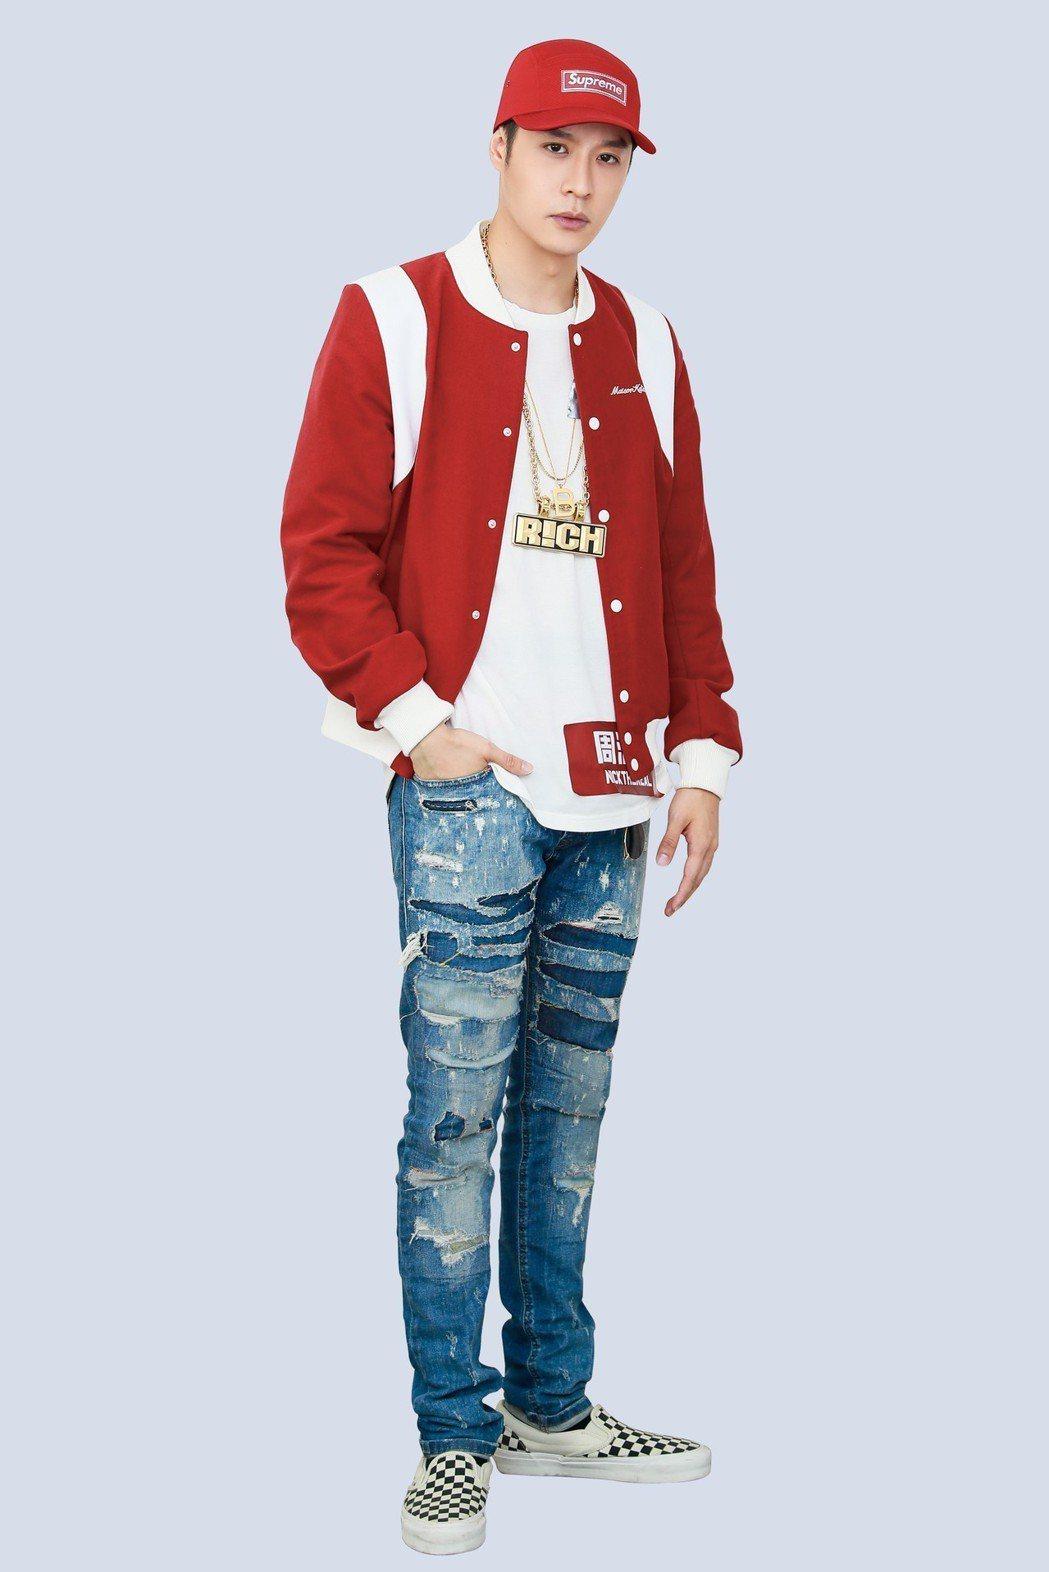 周湯豪參加「中國新說唱」,被爆已晉級6強。圖/天熹娛樂提供